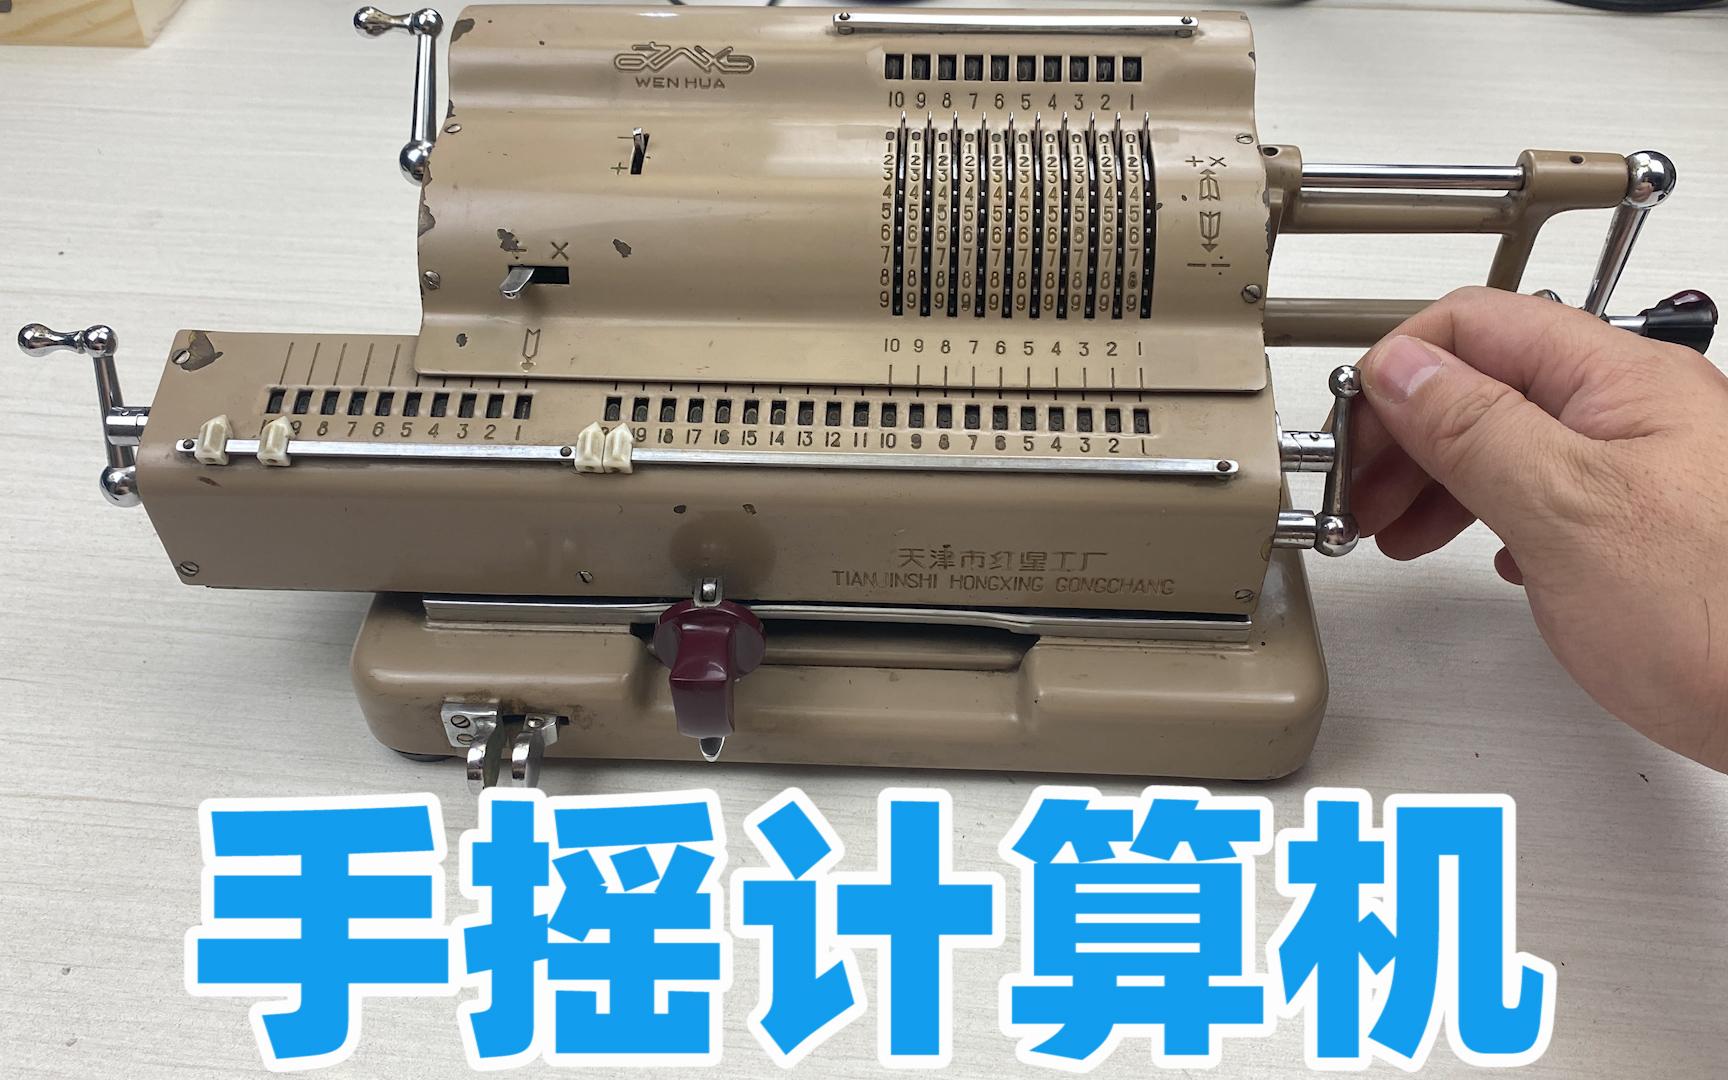 国产手摇机械计算机,拆开看看50年前它巧妙的工业设计和机械原理